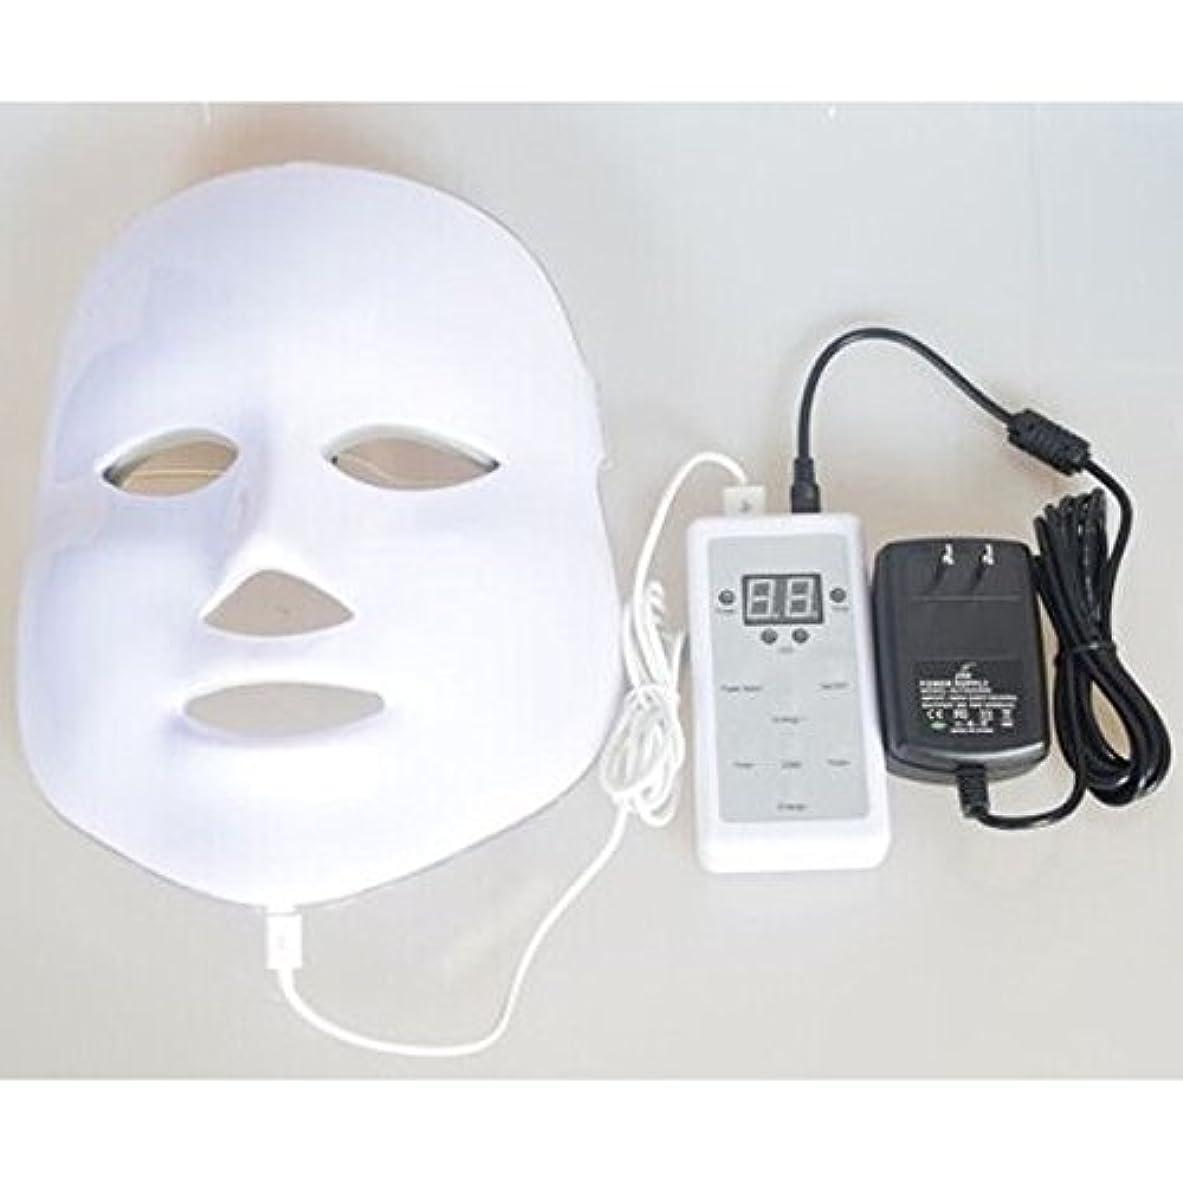 貯水池機械毒液LED美顔器 7色 美顔マスク 美容 たるみ ほうれい線 美肌 ニキビ対策 コラーゲン生成 美白 エイジングケア